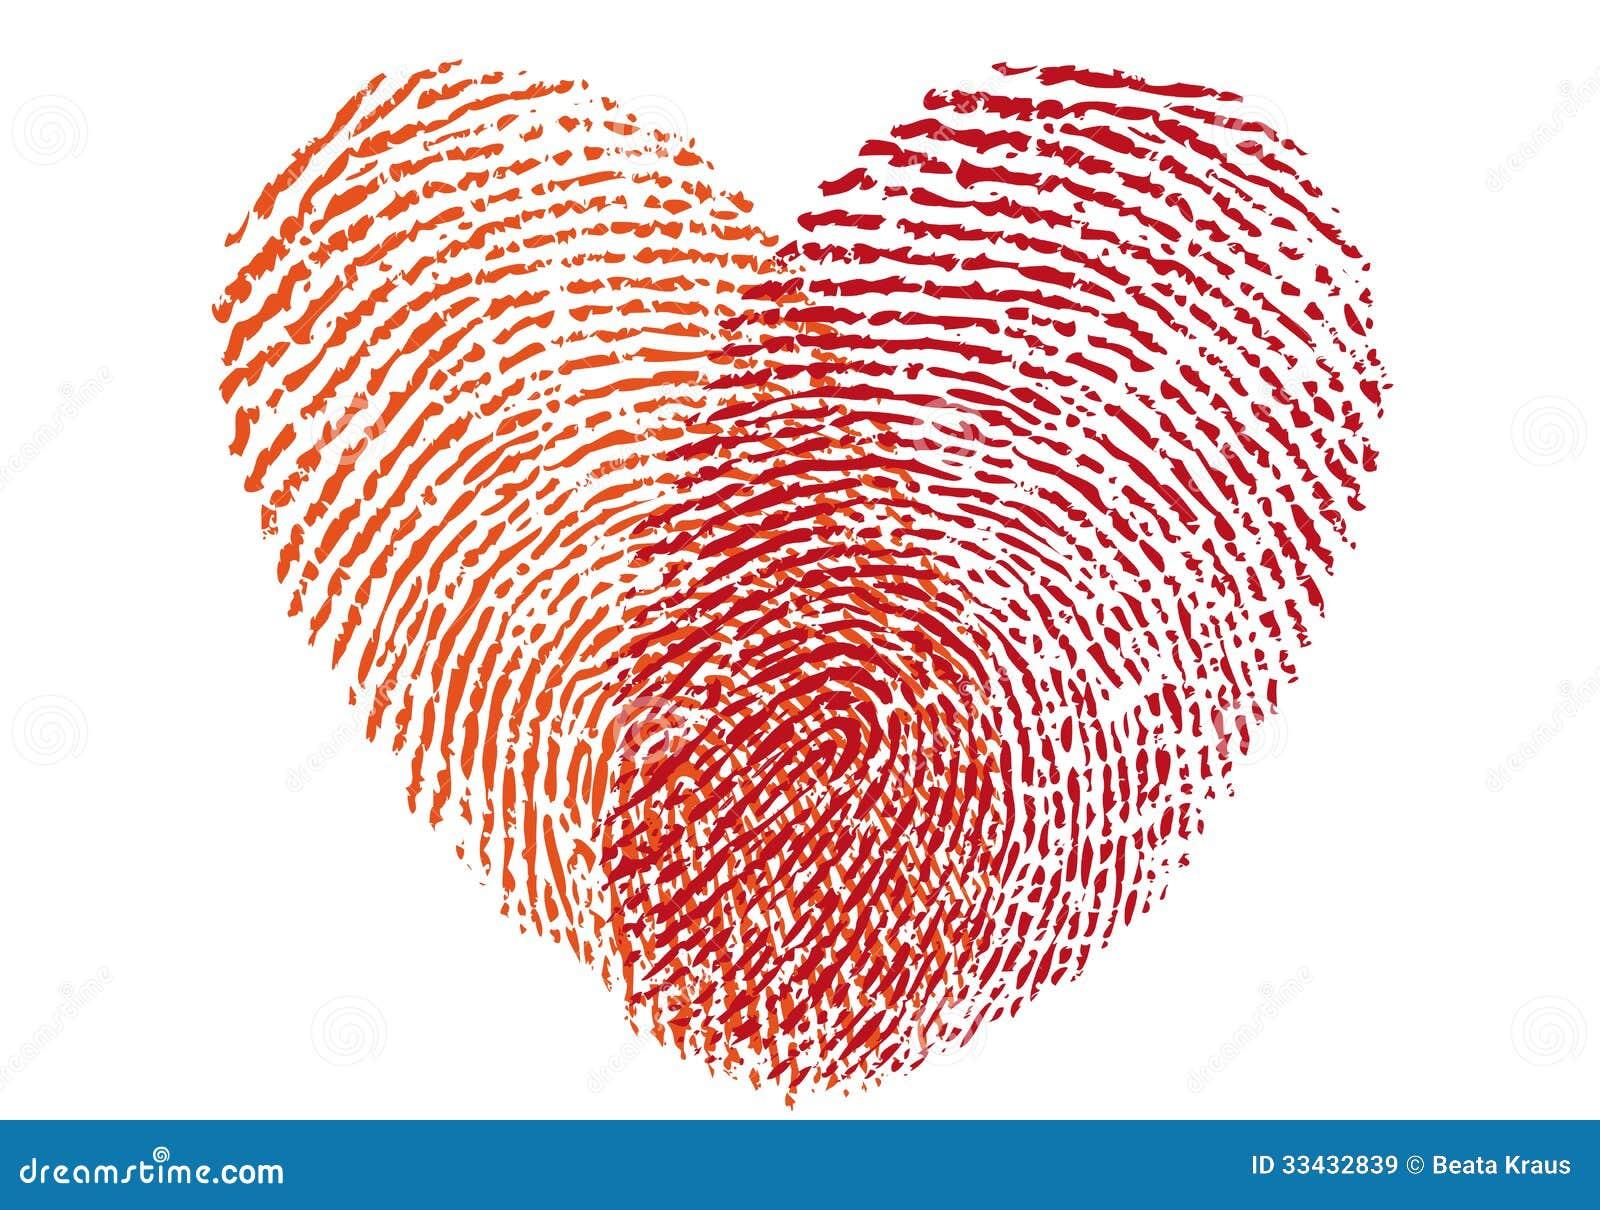 Red Fingerprint Heart, Vector Stock Vector - Illustration of graphic ...